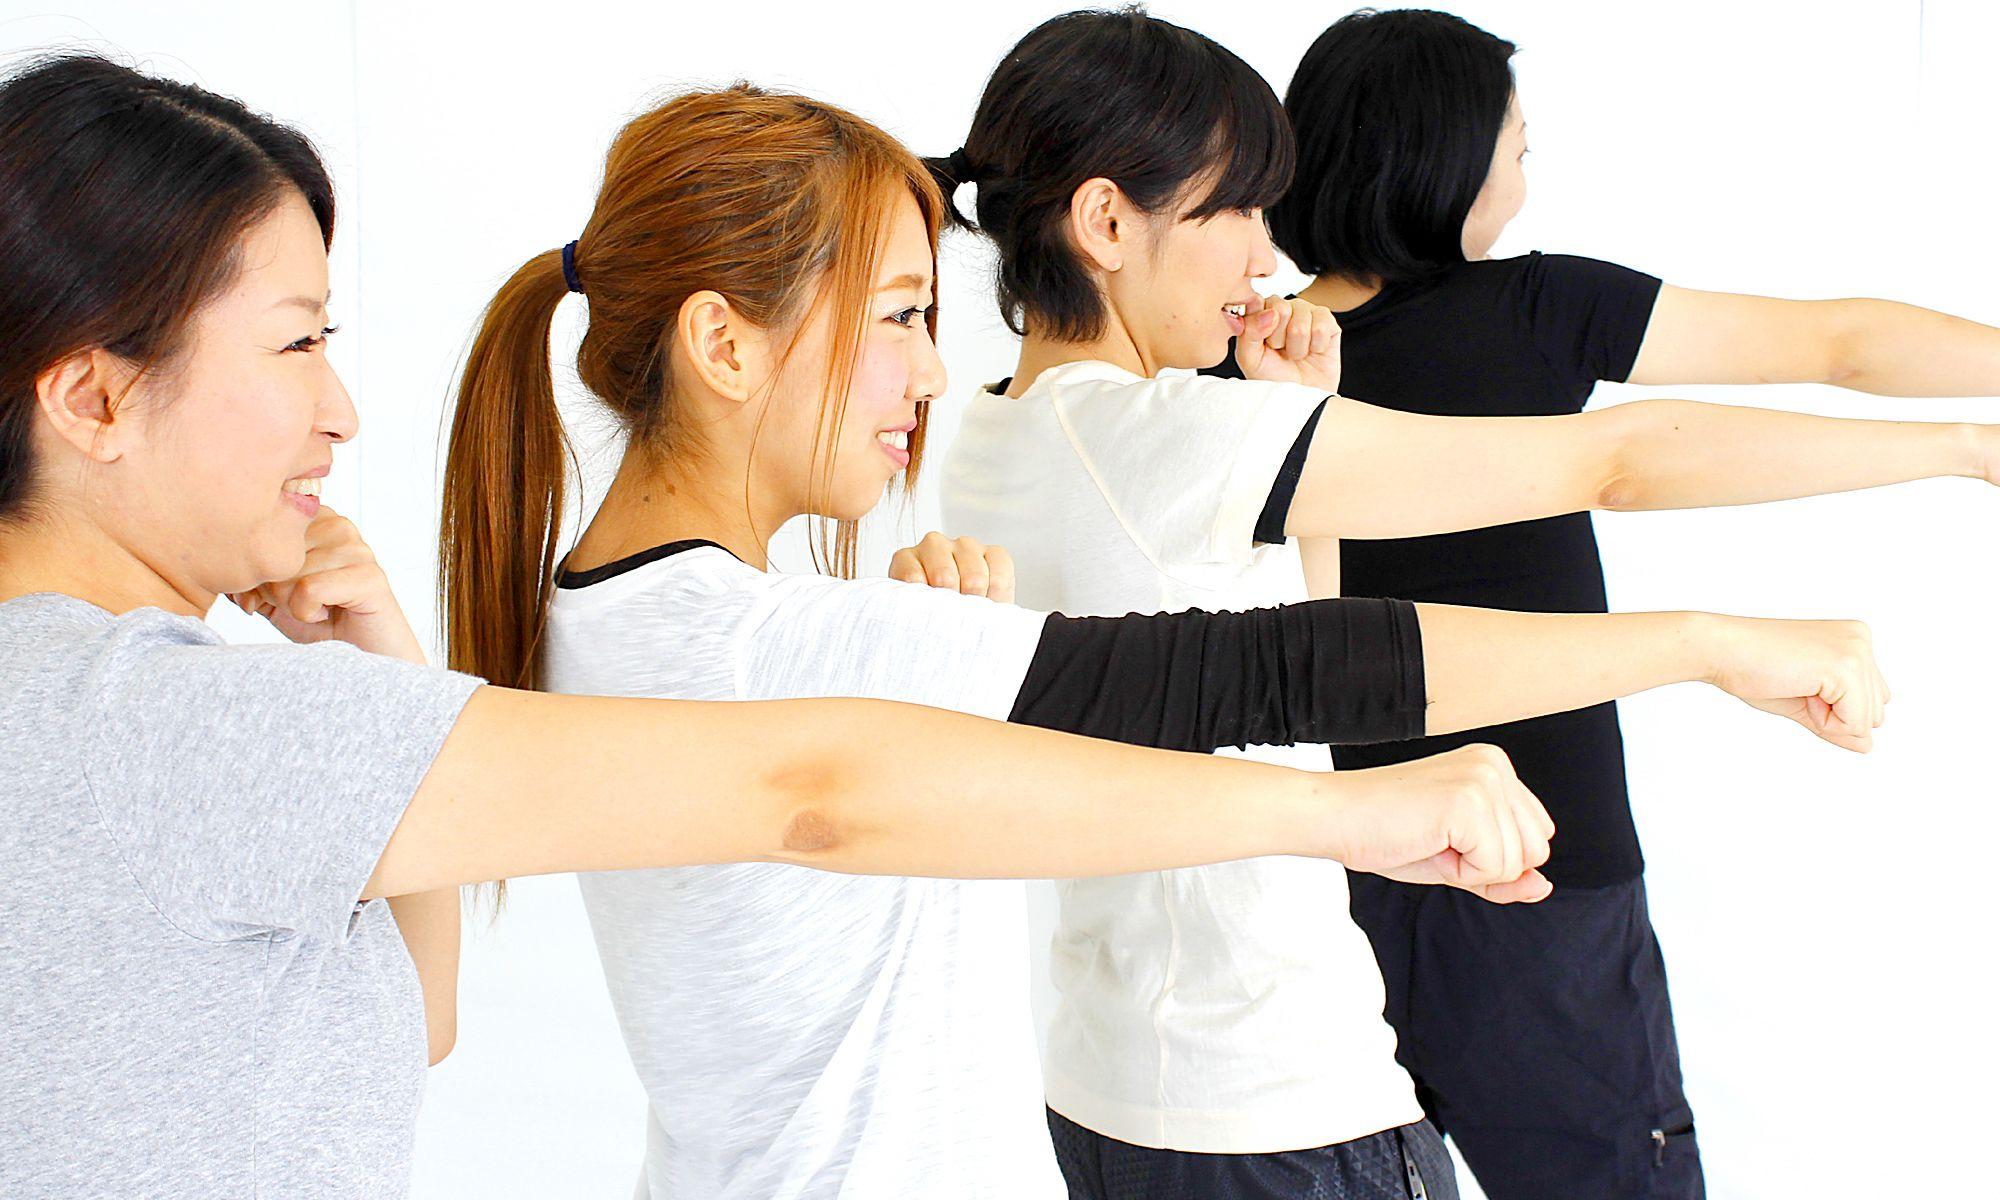 格闘技フィットネスジム Luminous【ルミナス】 | 相模原市橋本キックボクシング・柔術・格闘技ジム